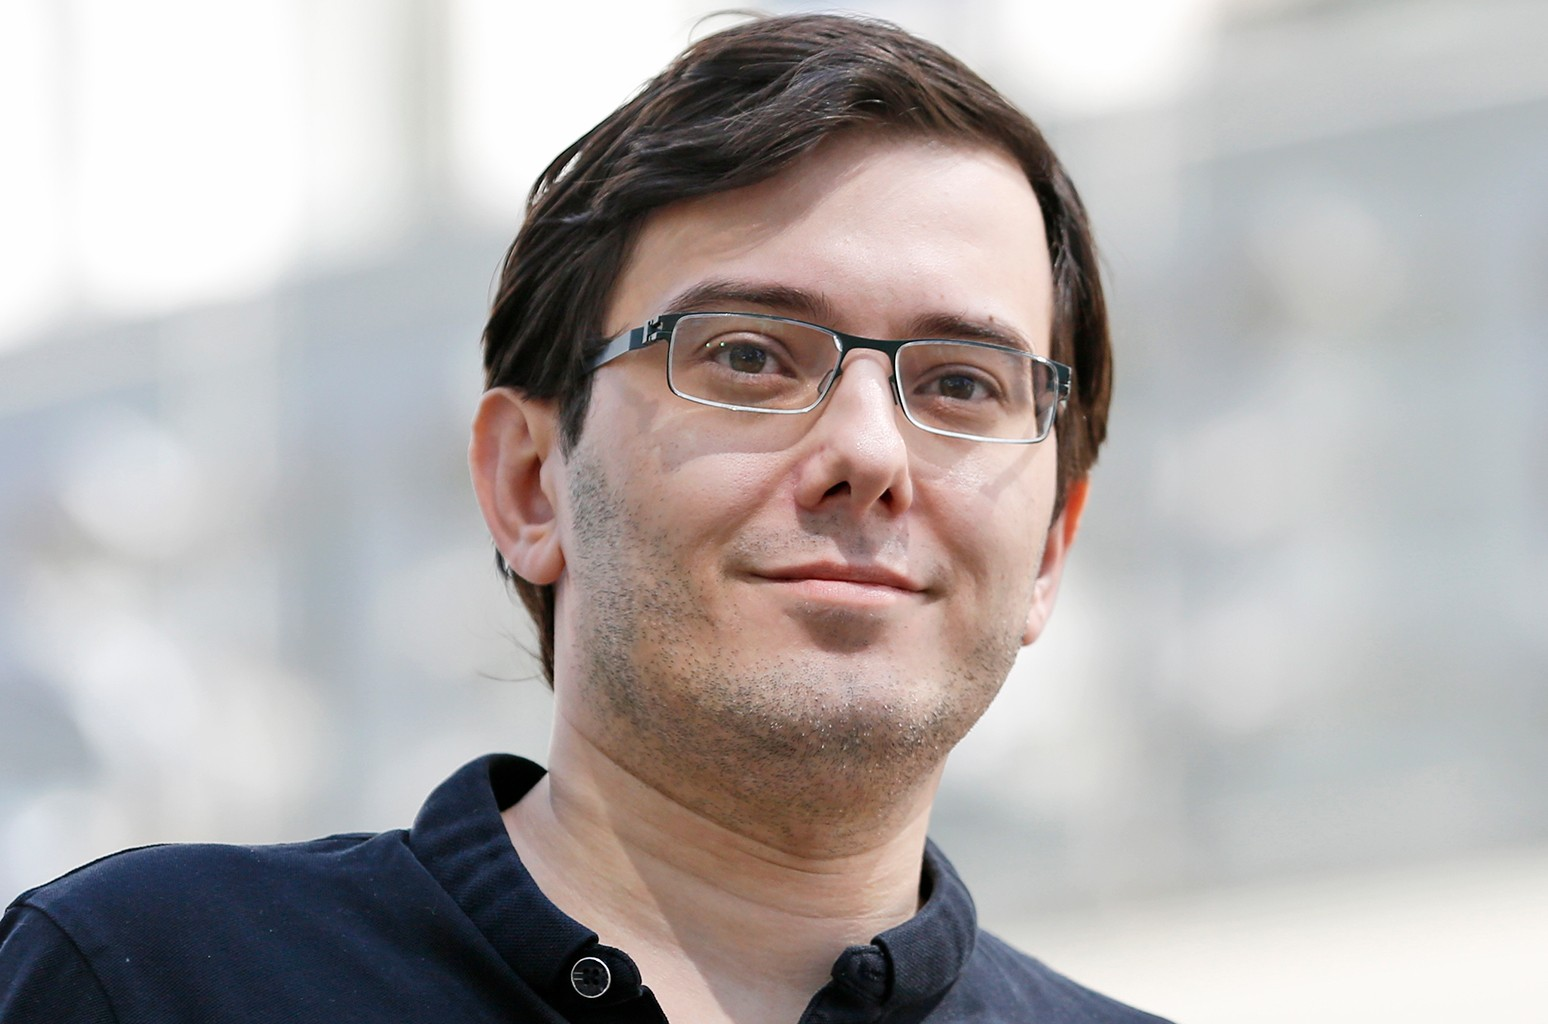 Martin Shkreli, 2017